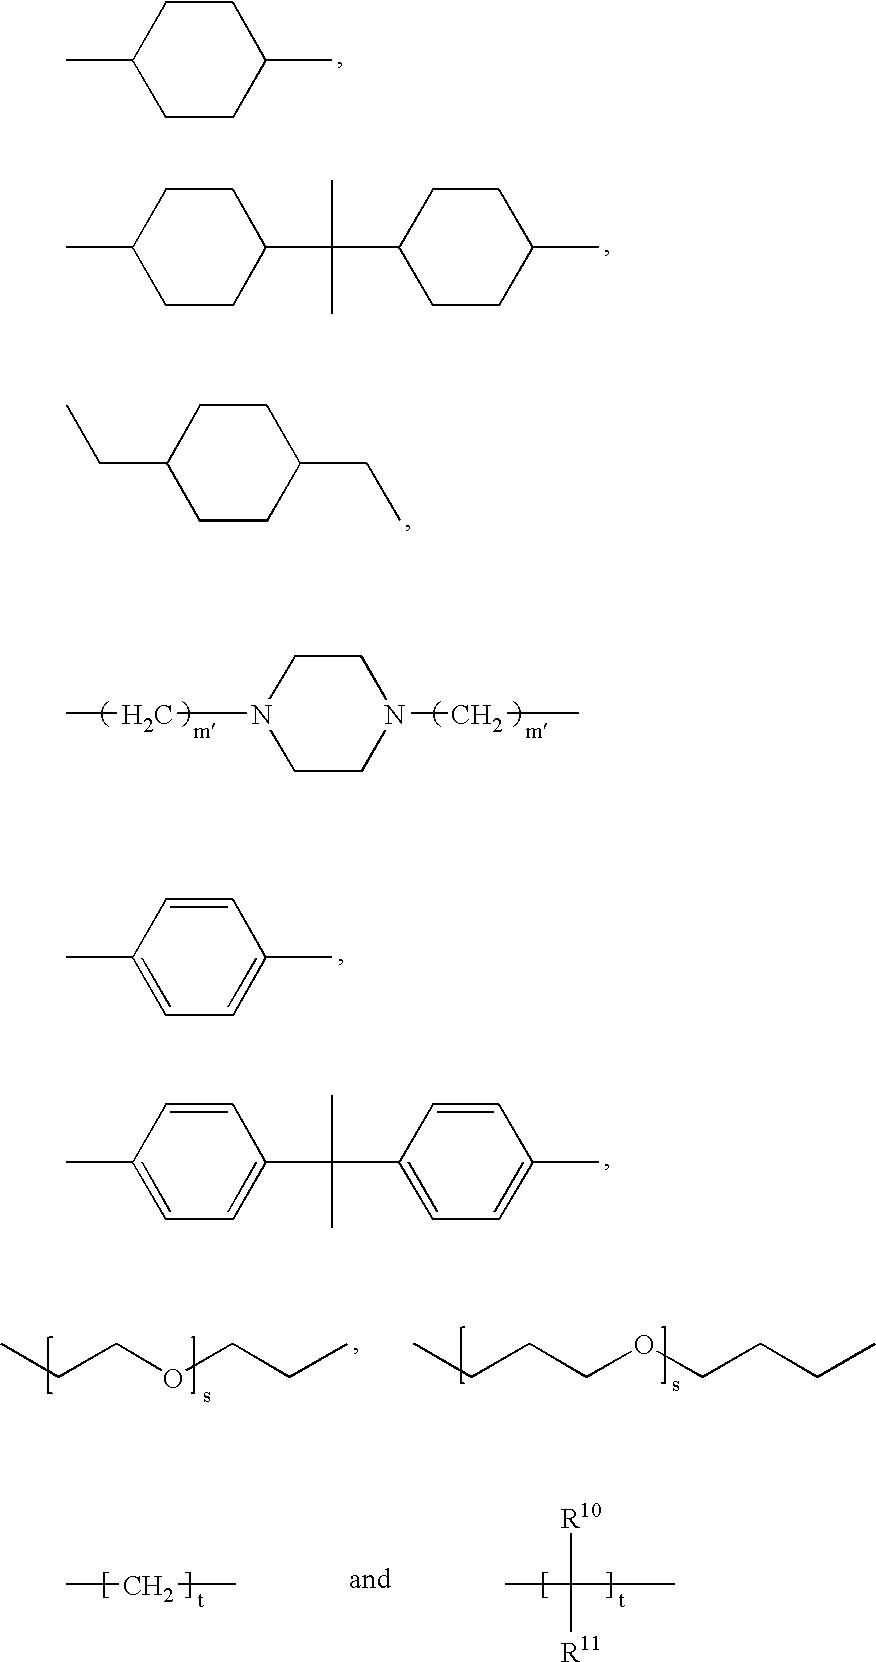 Figure US20060235084A1-20061019-C00058